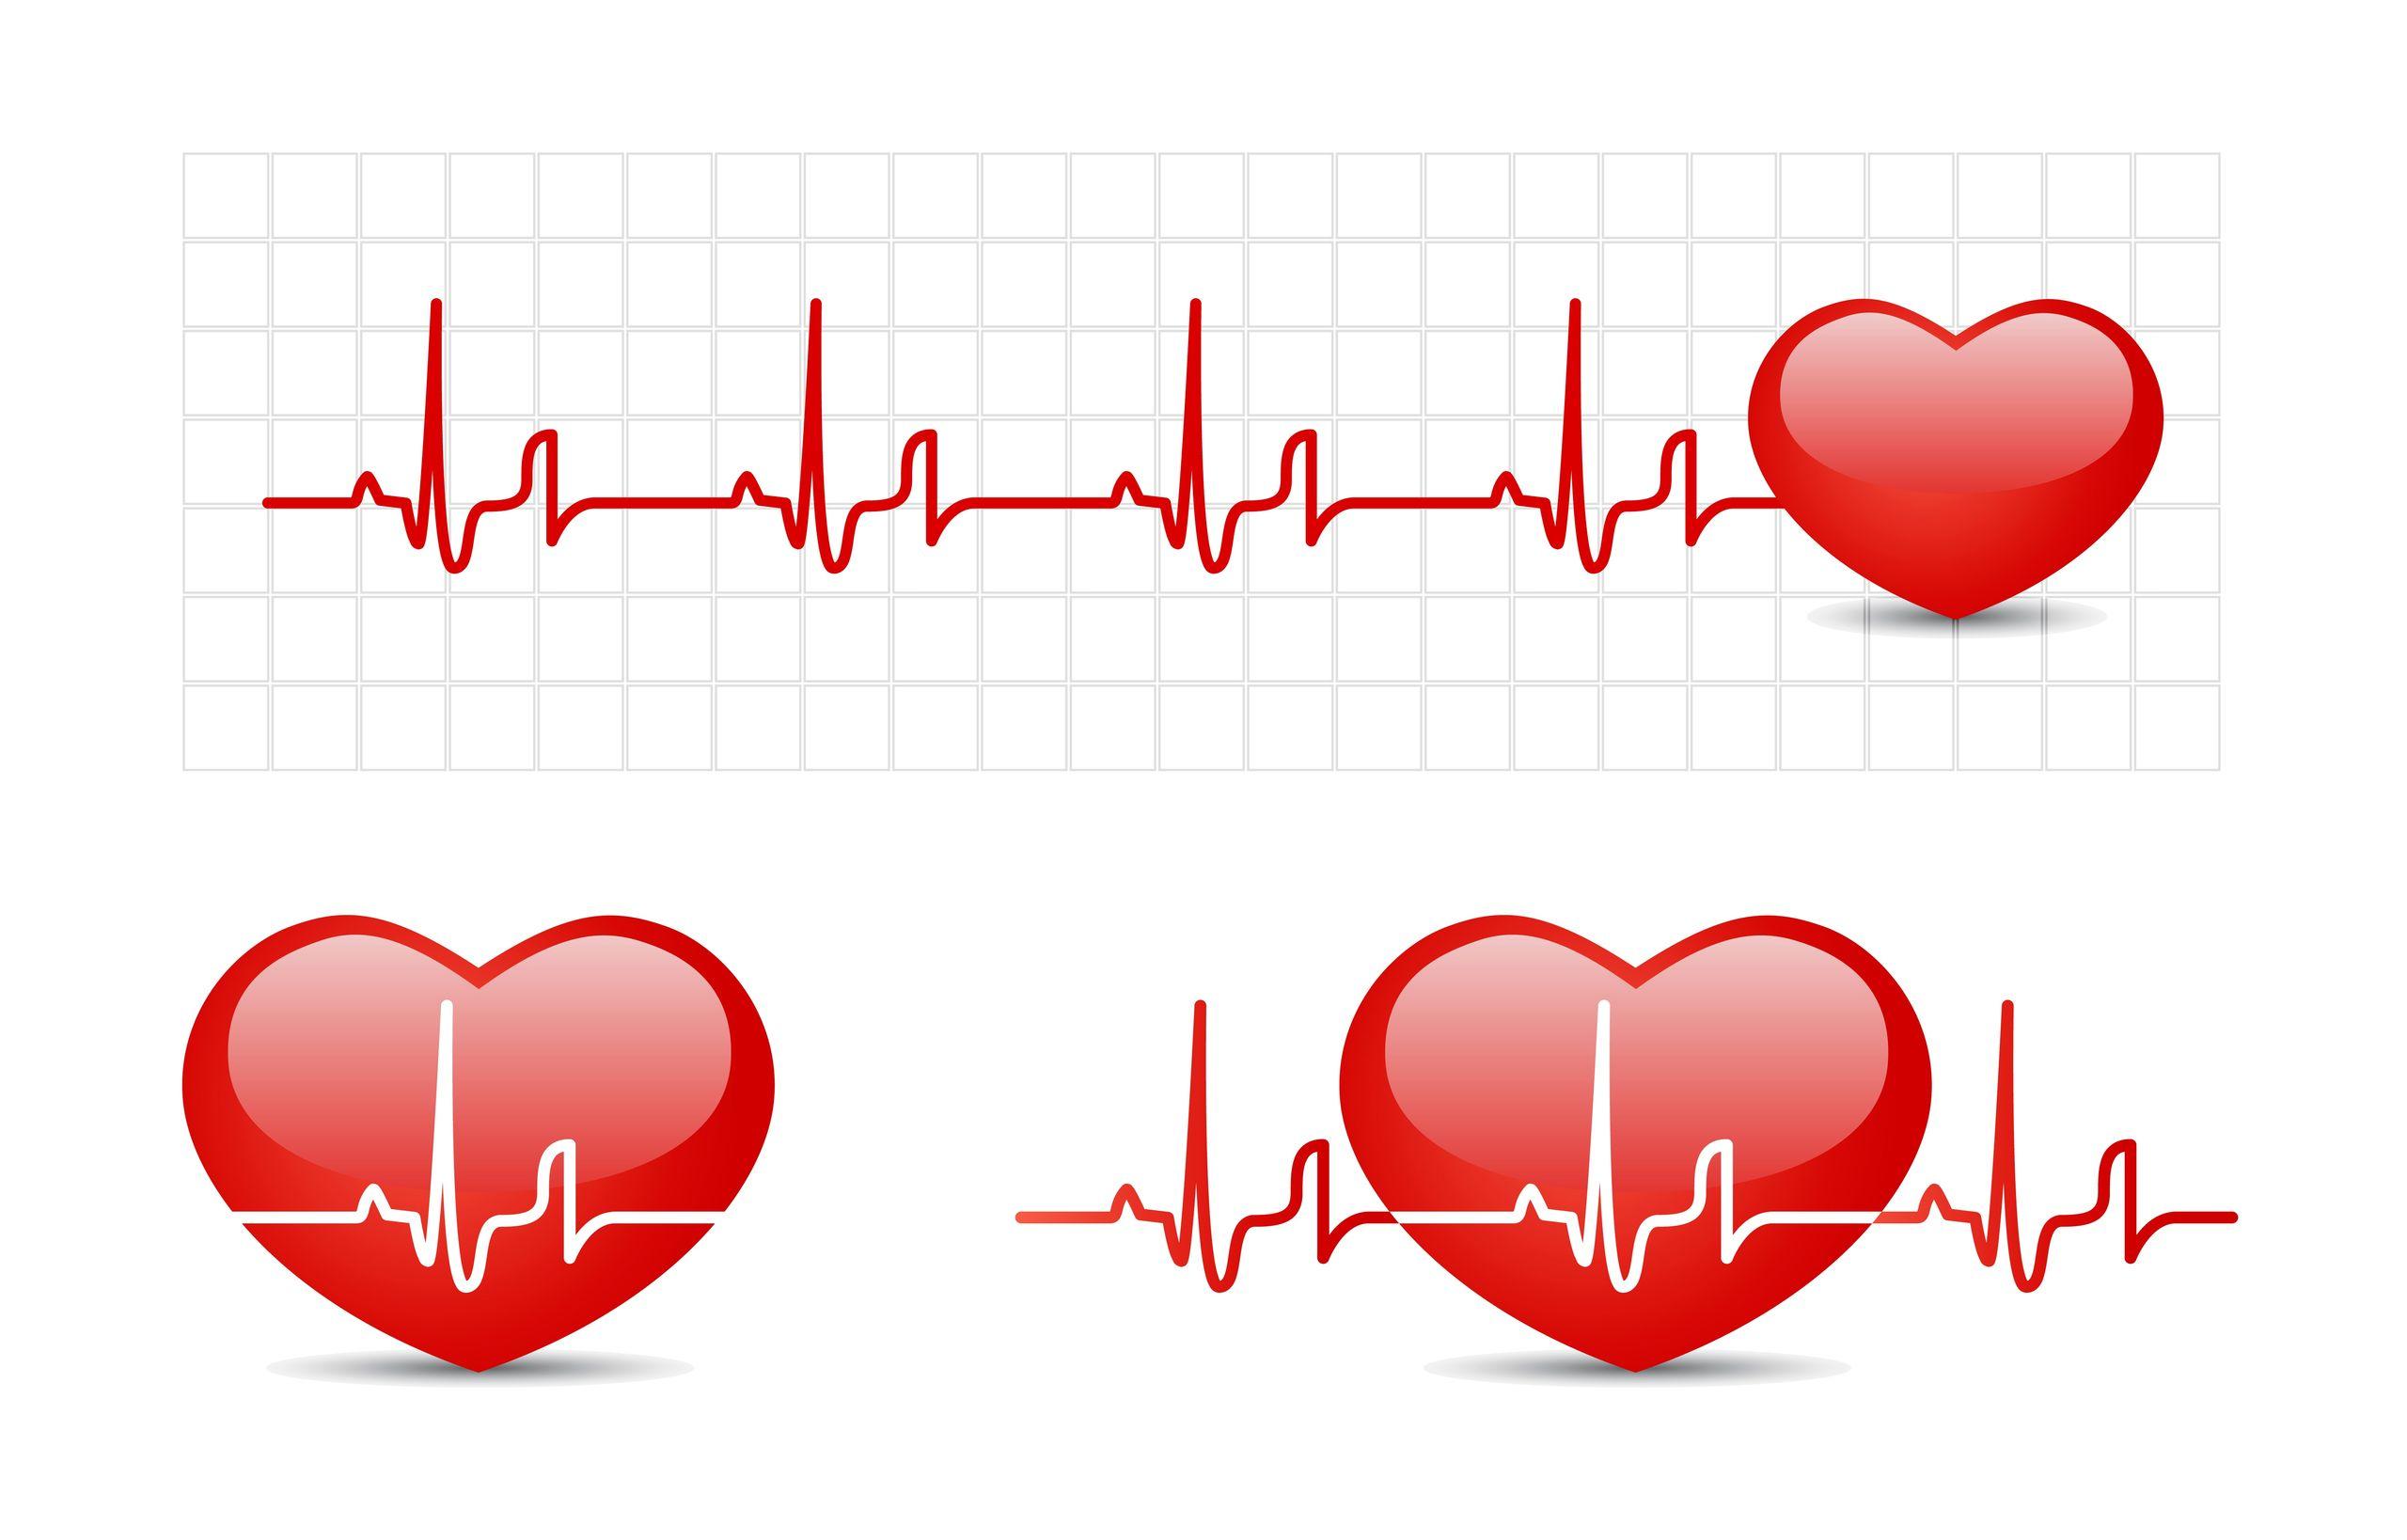 高血压、高血脂、高血糖